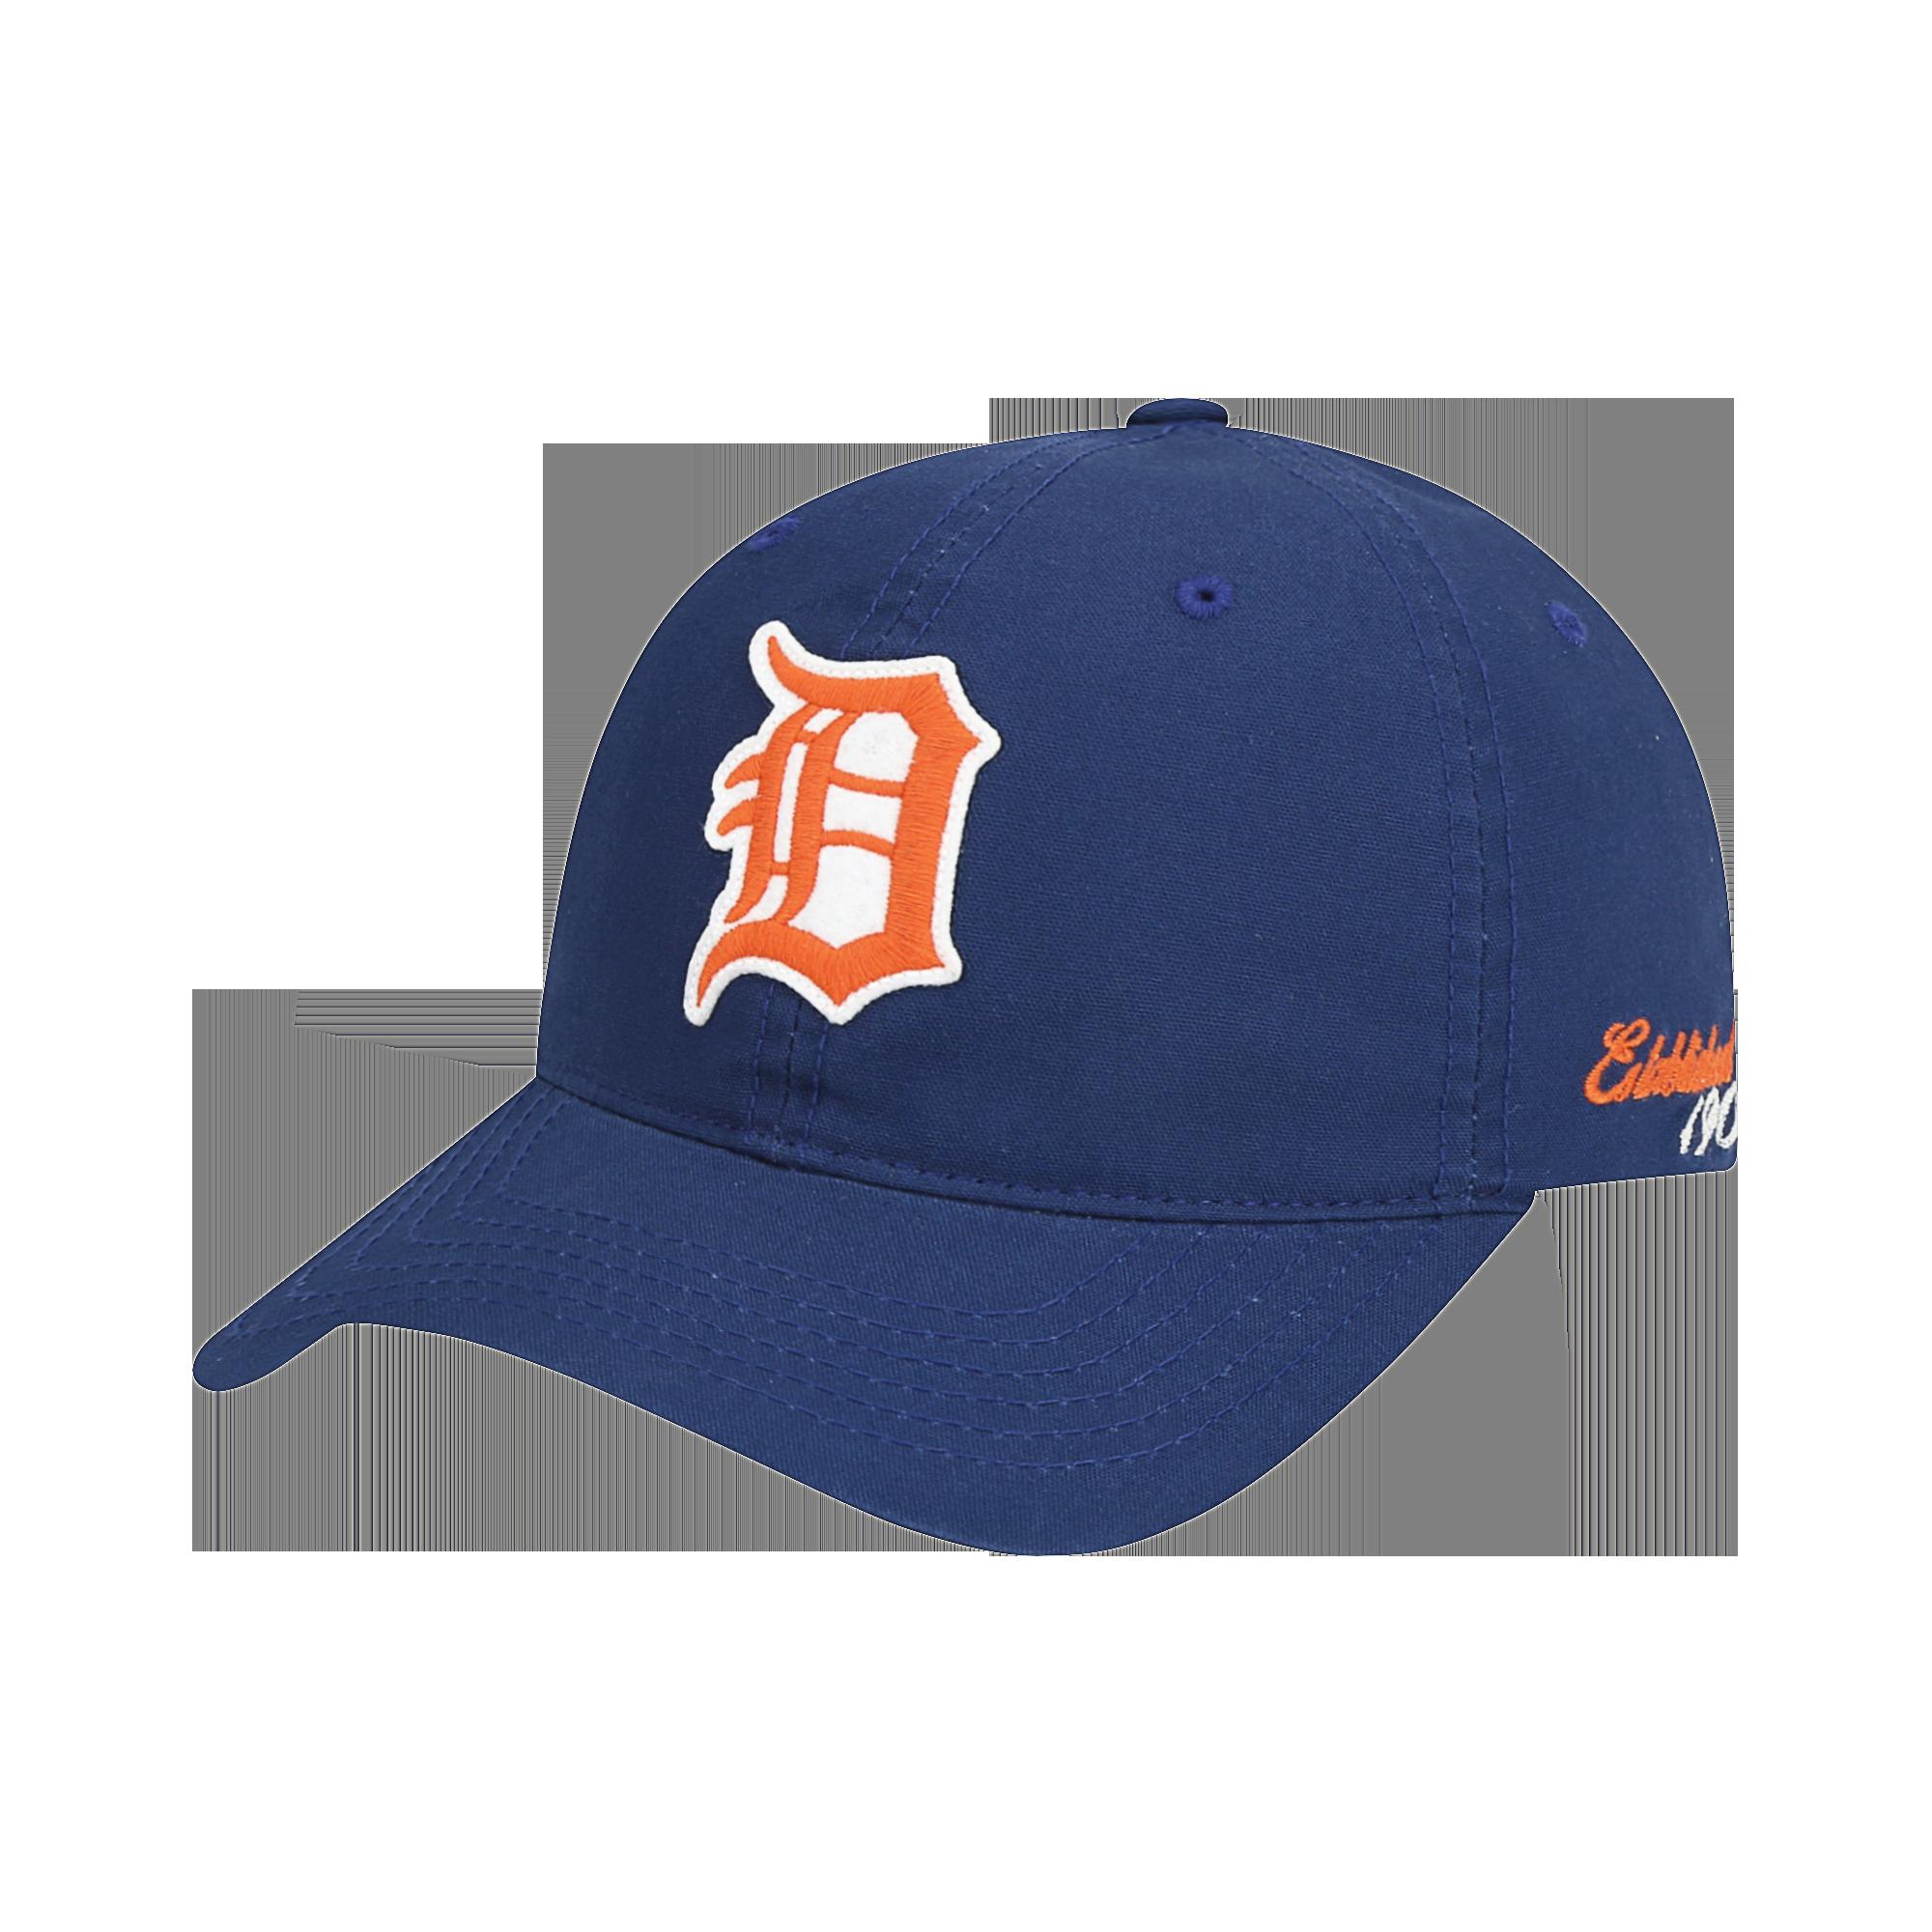 DETROIT TIGERS STATUE LOGO BALL CAP